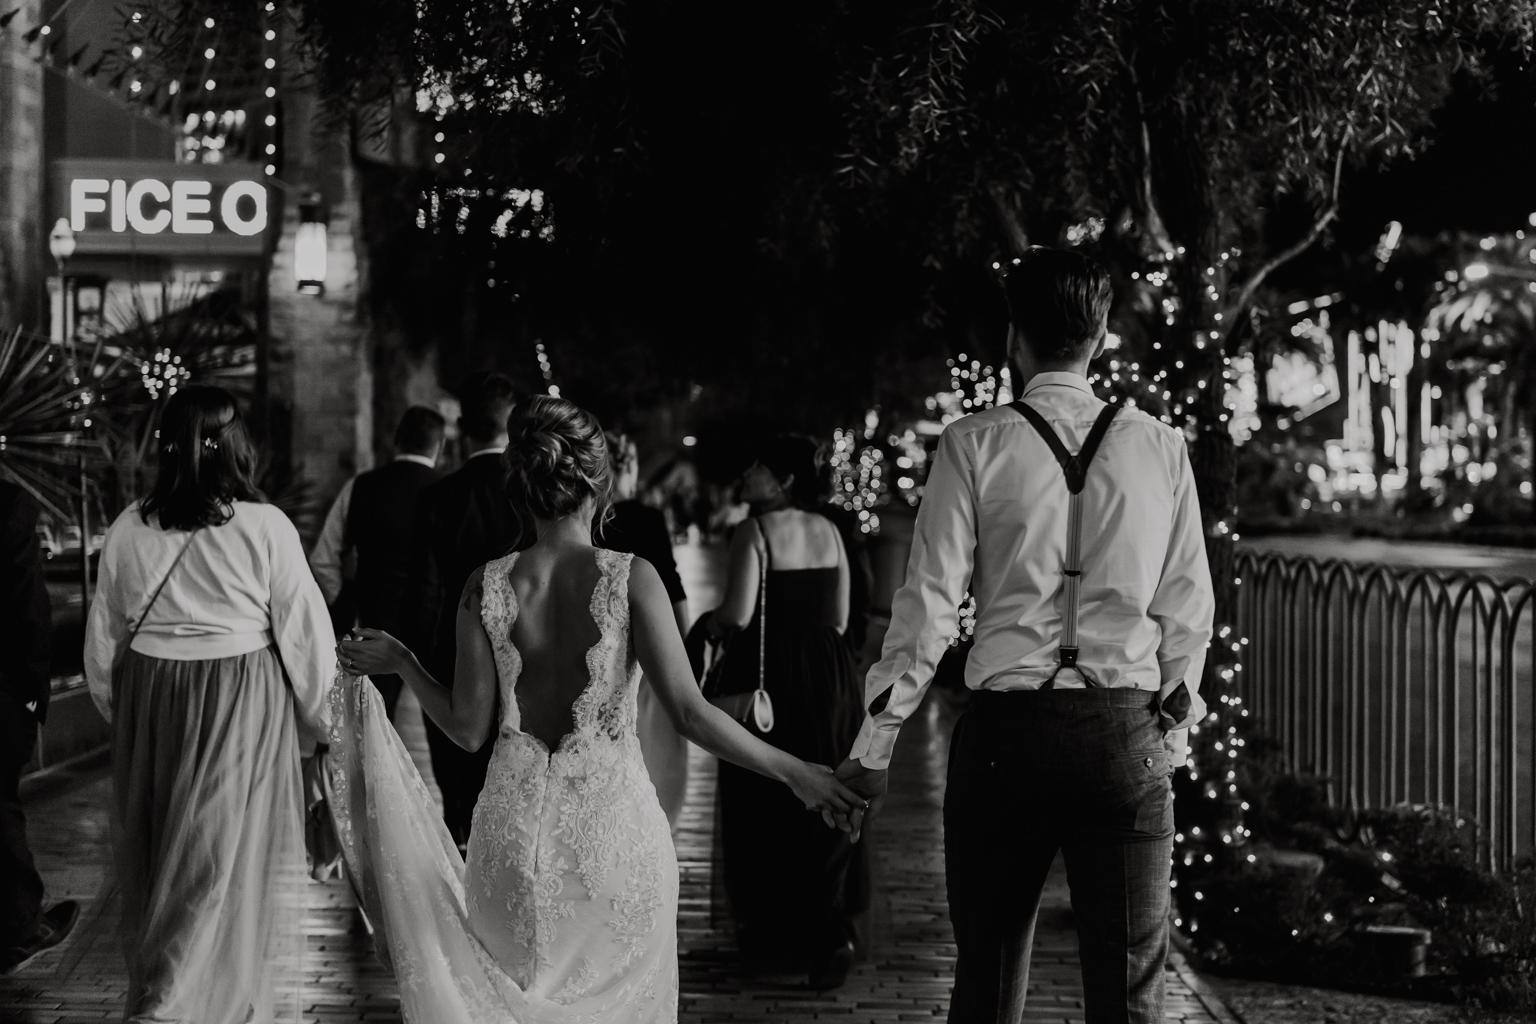 trouweninhetbuitenland_huwelijksfotografie_roxannedankers-70.jpg